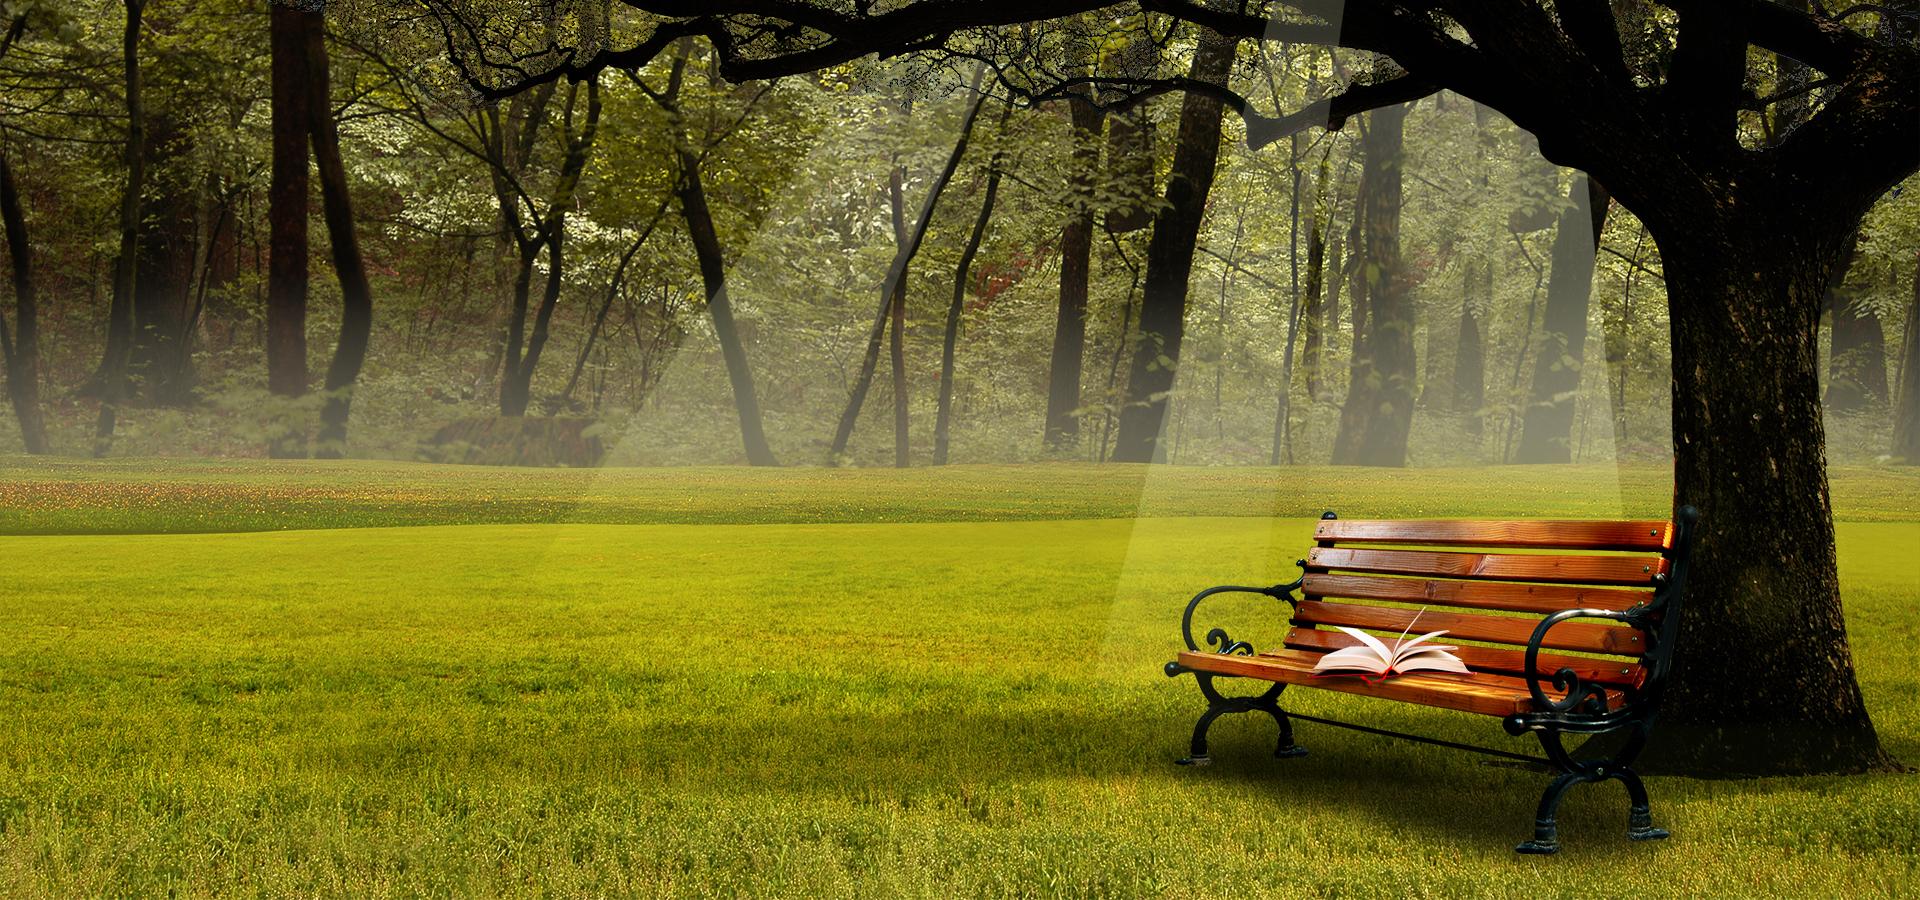 park bench bench asiento muebles antecedentes campo rural